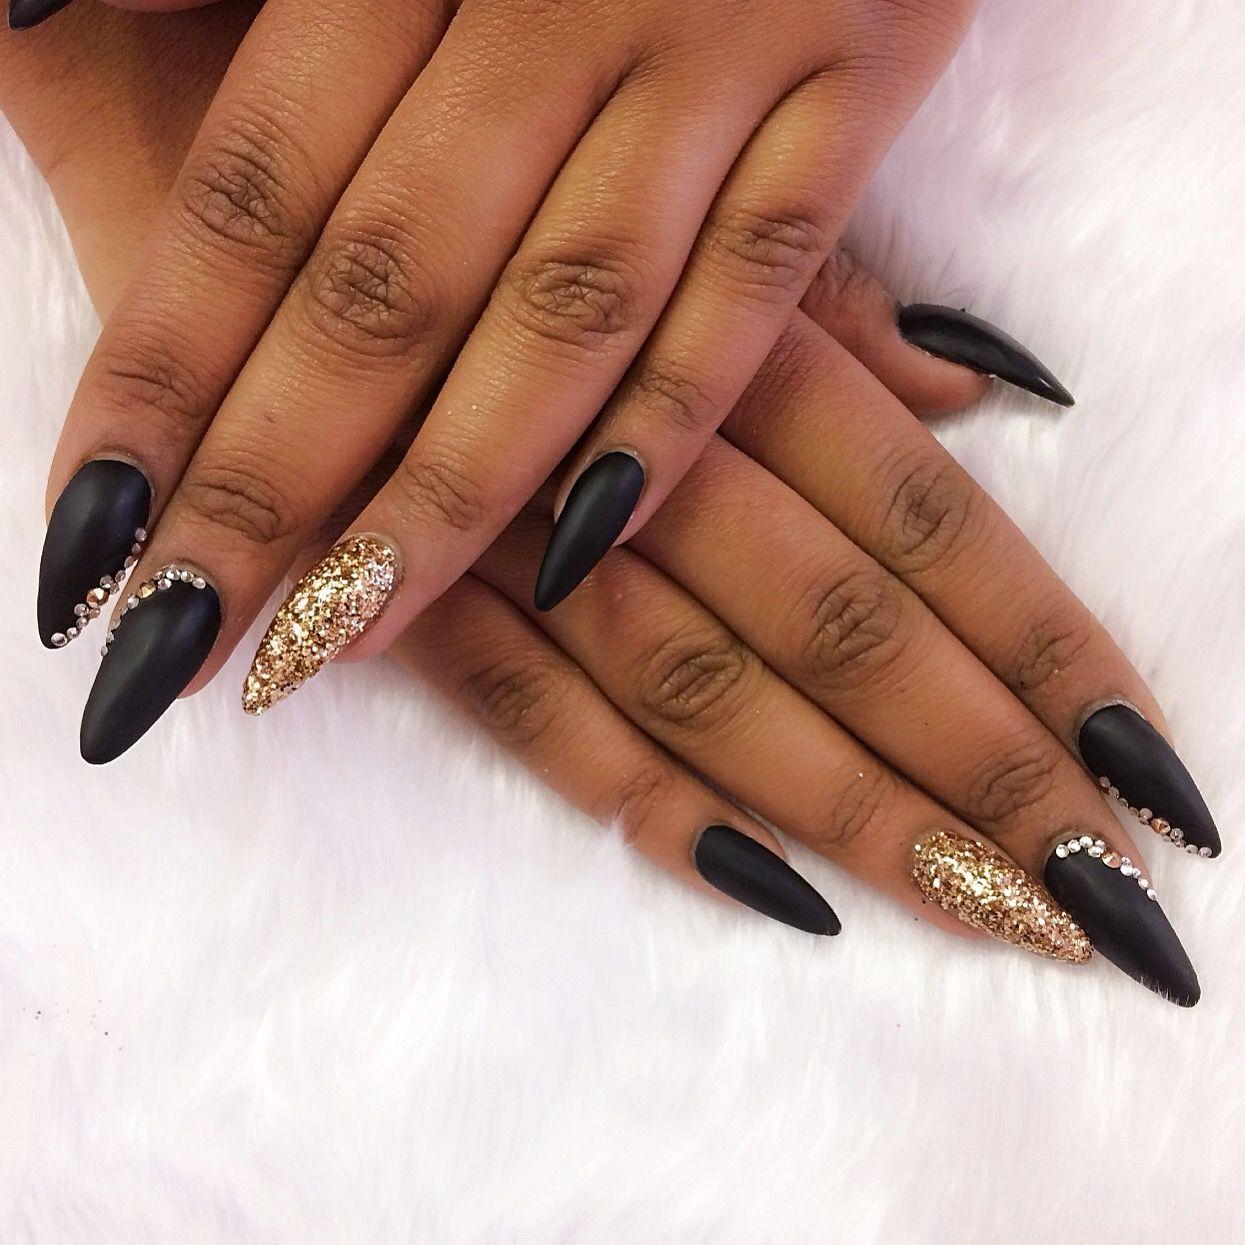 stiletto nails in matte black